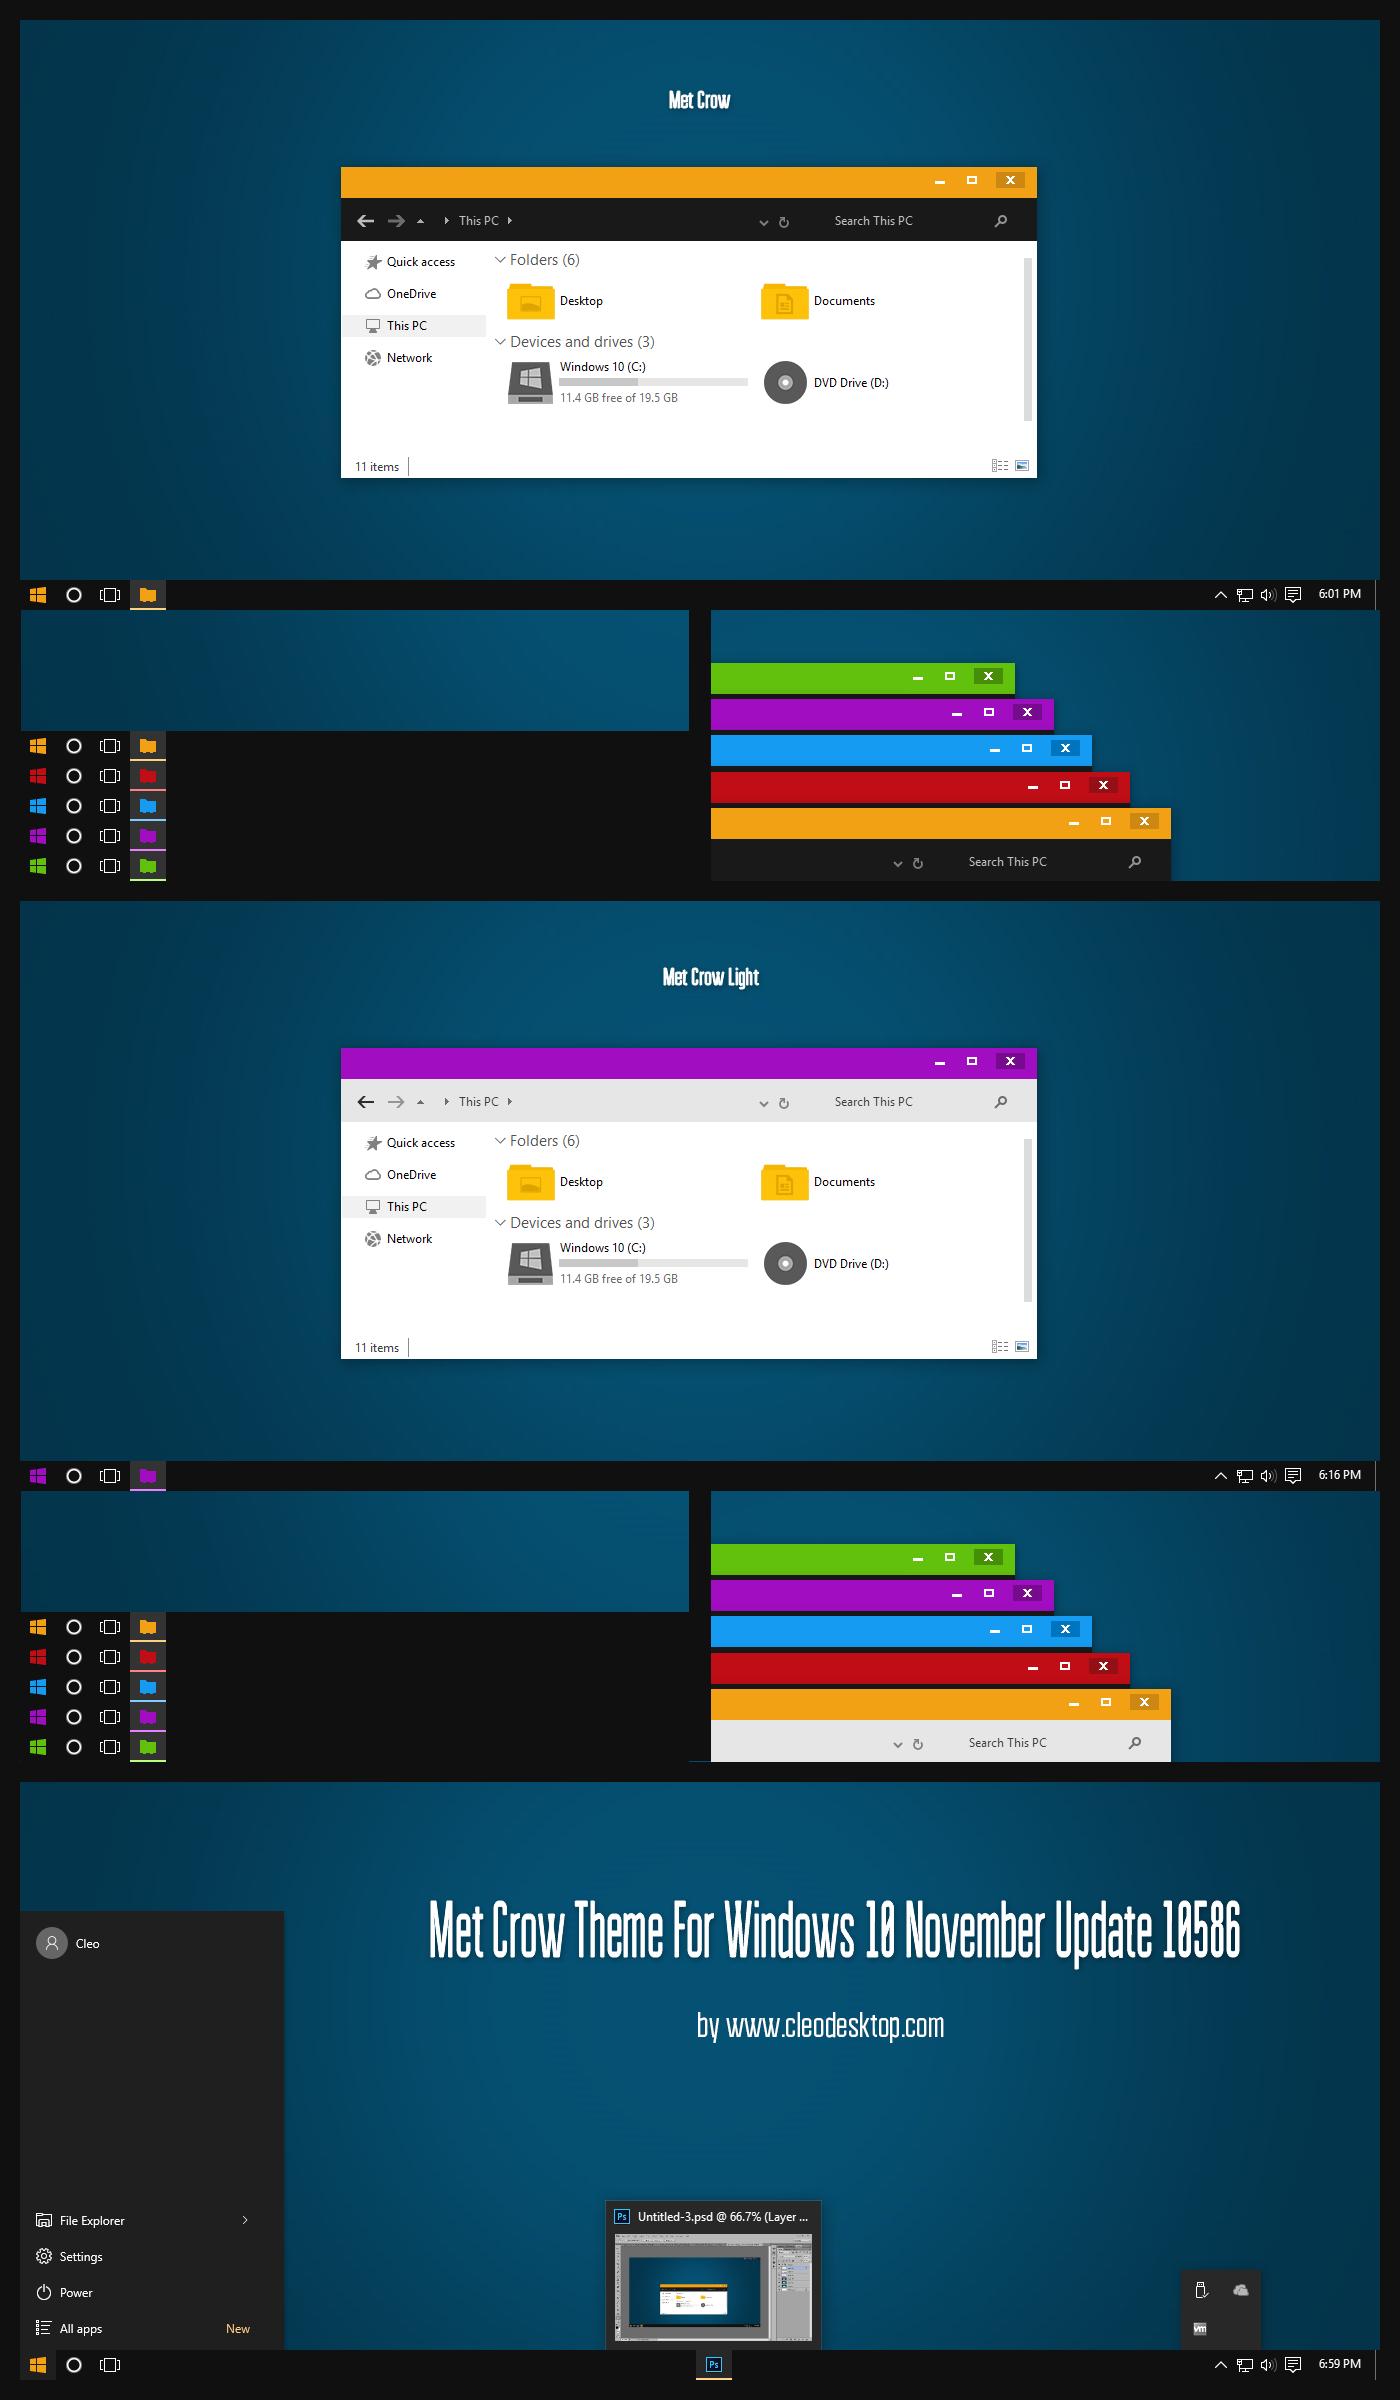 Met Crow Theme Windows 10 1511 Build 10586